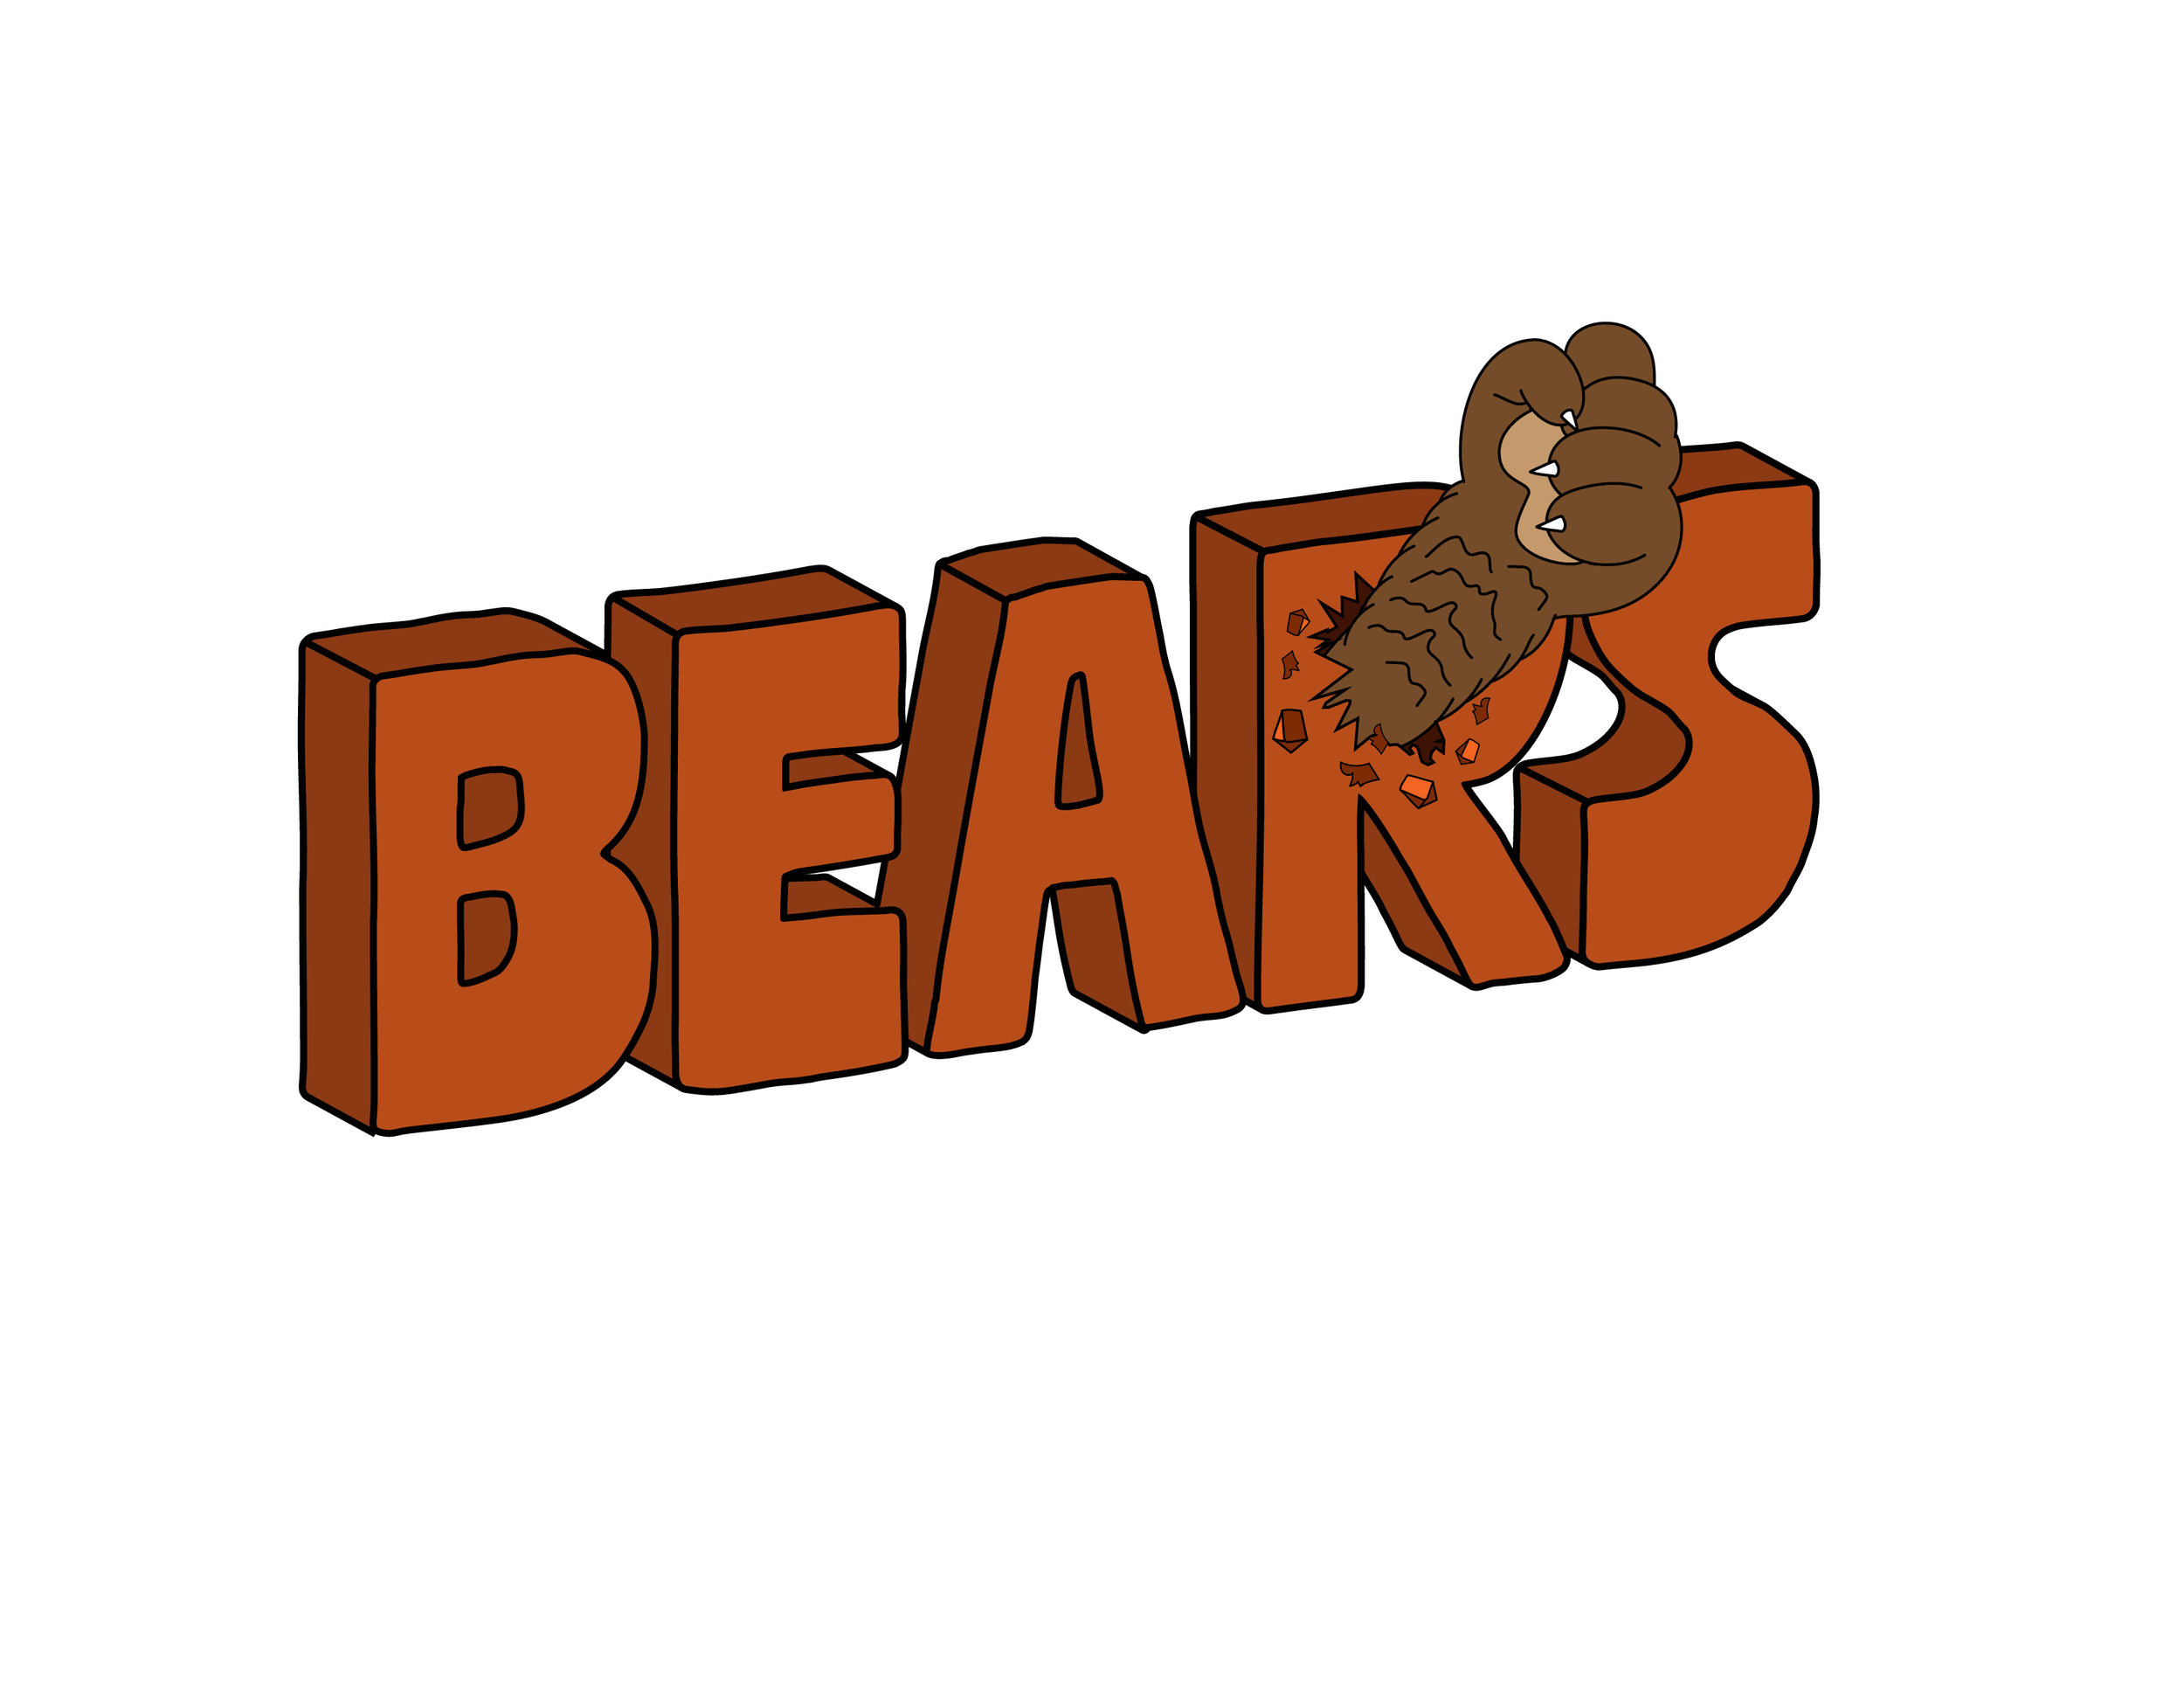 BEARS RELLO LOGO